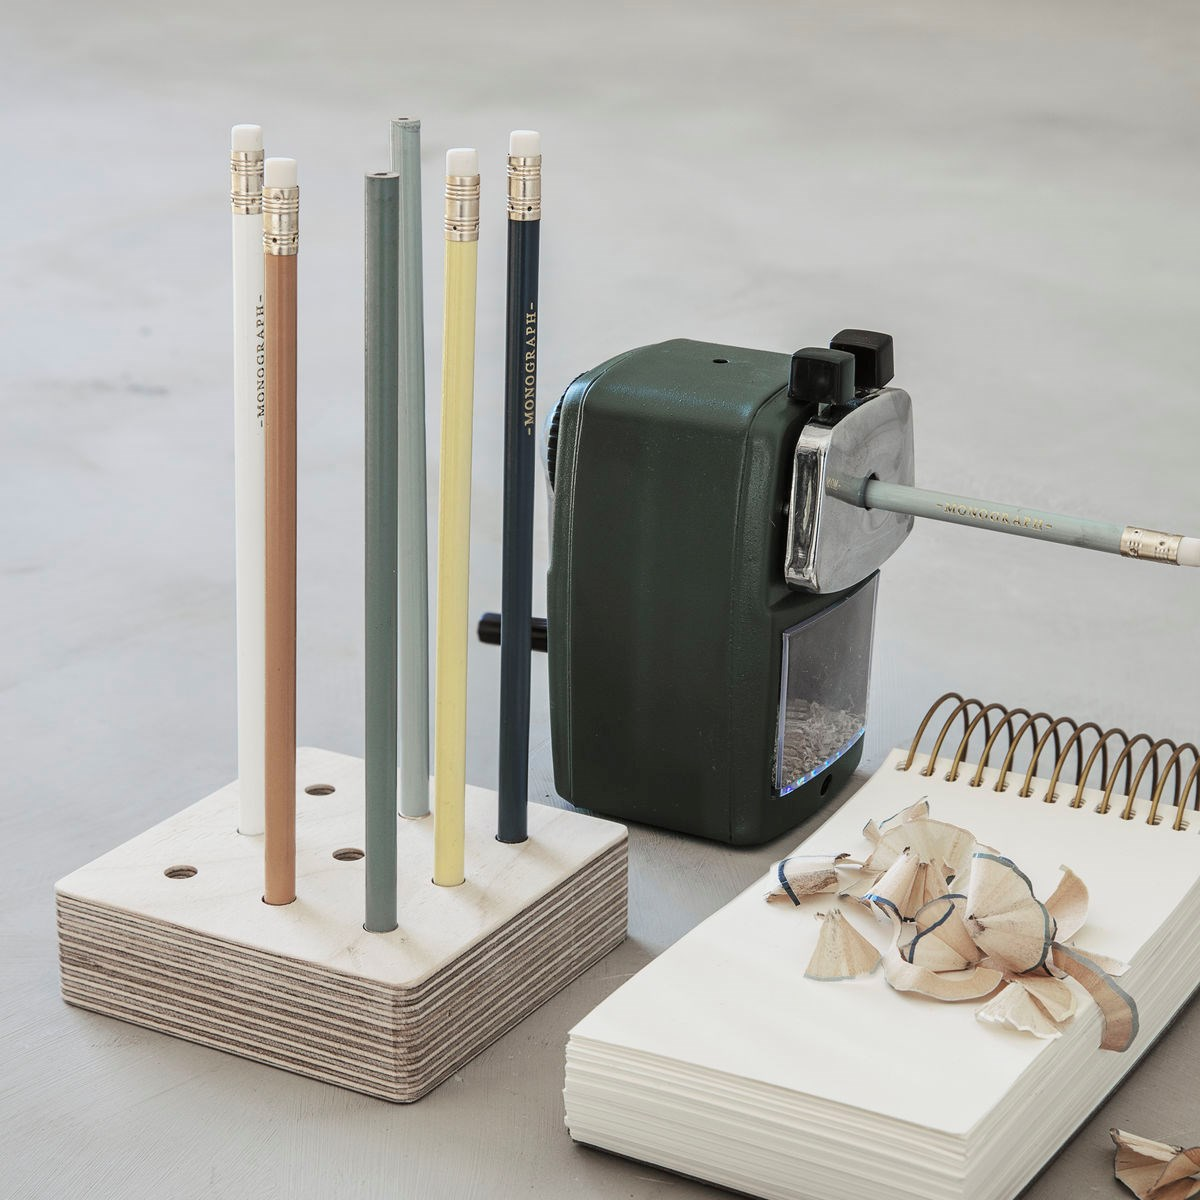 Držák/ zásobník na tužky a pera ROUND dýha_1